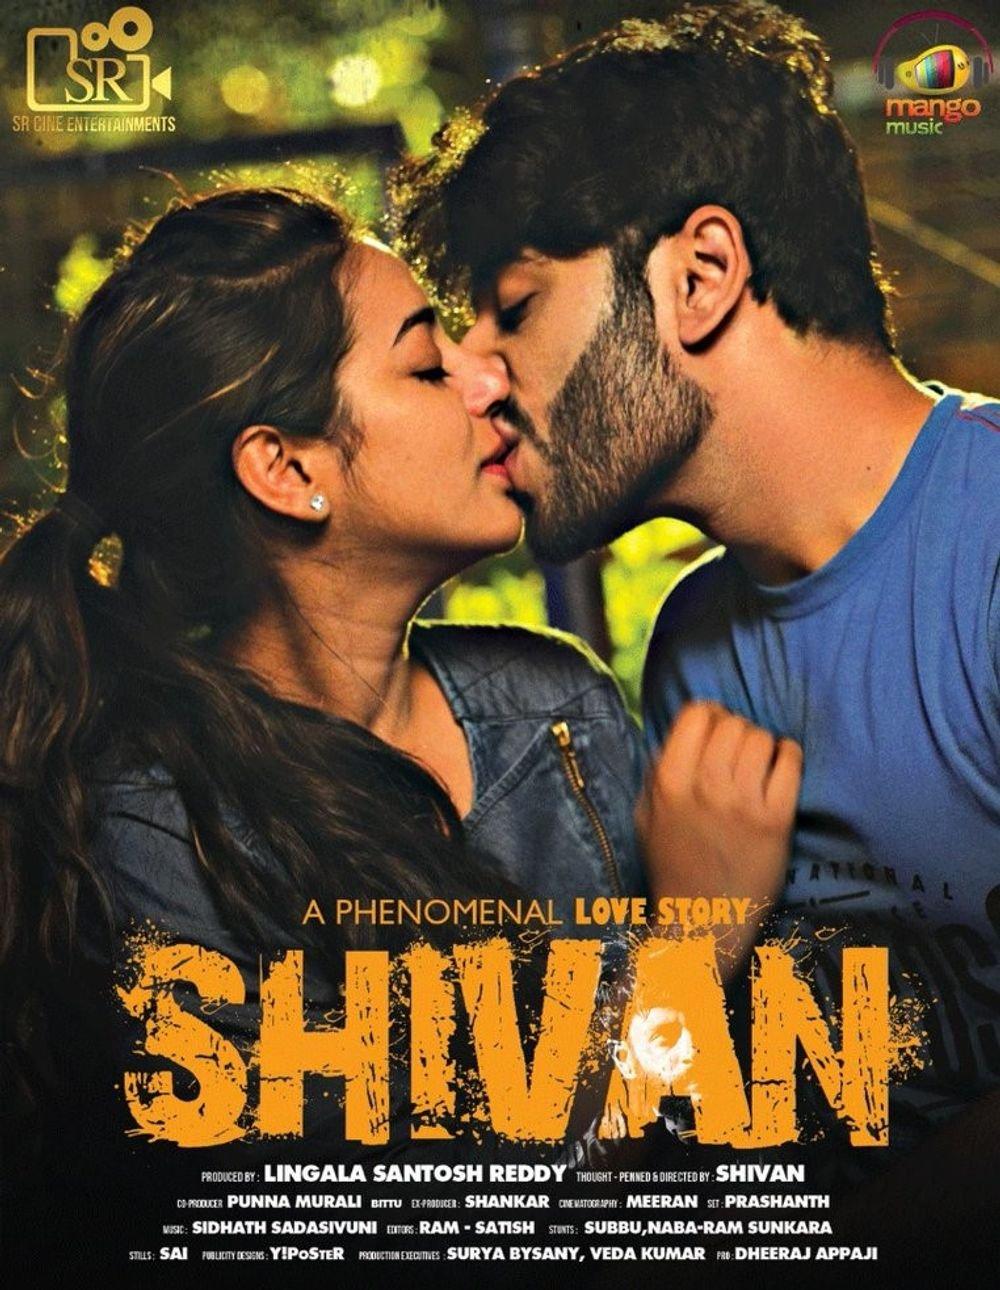 3-<p>Shivan</p>